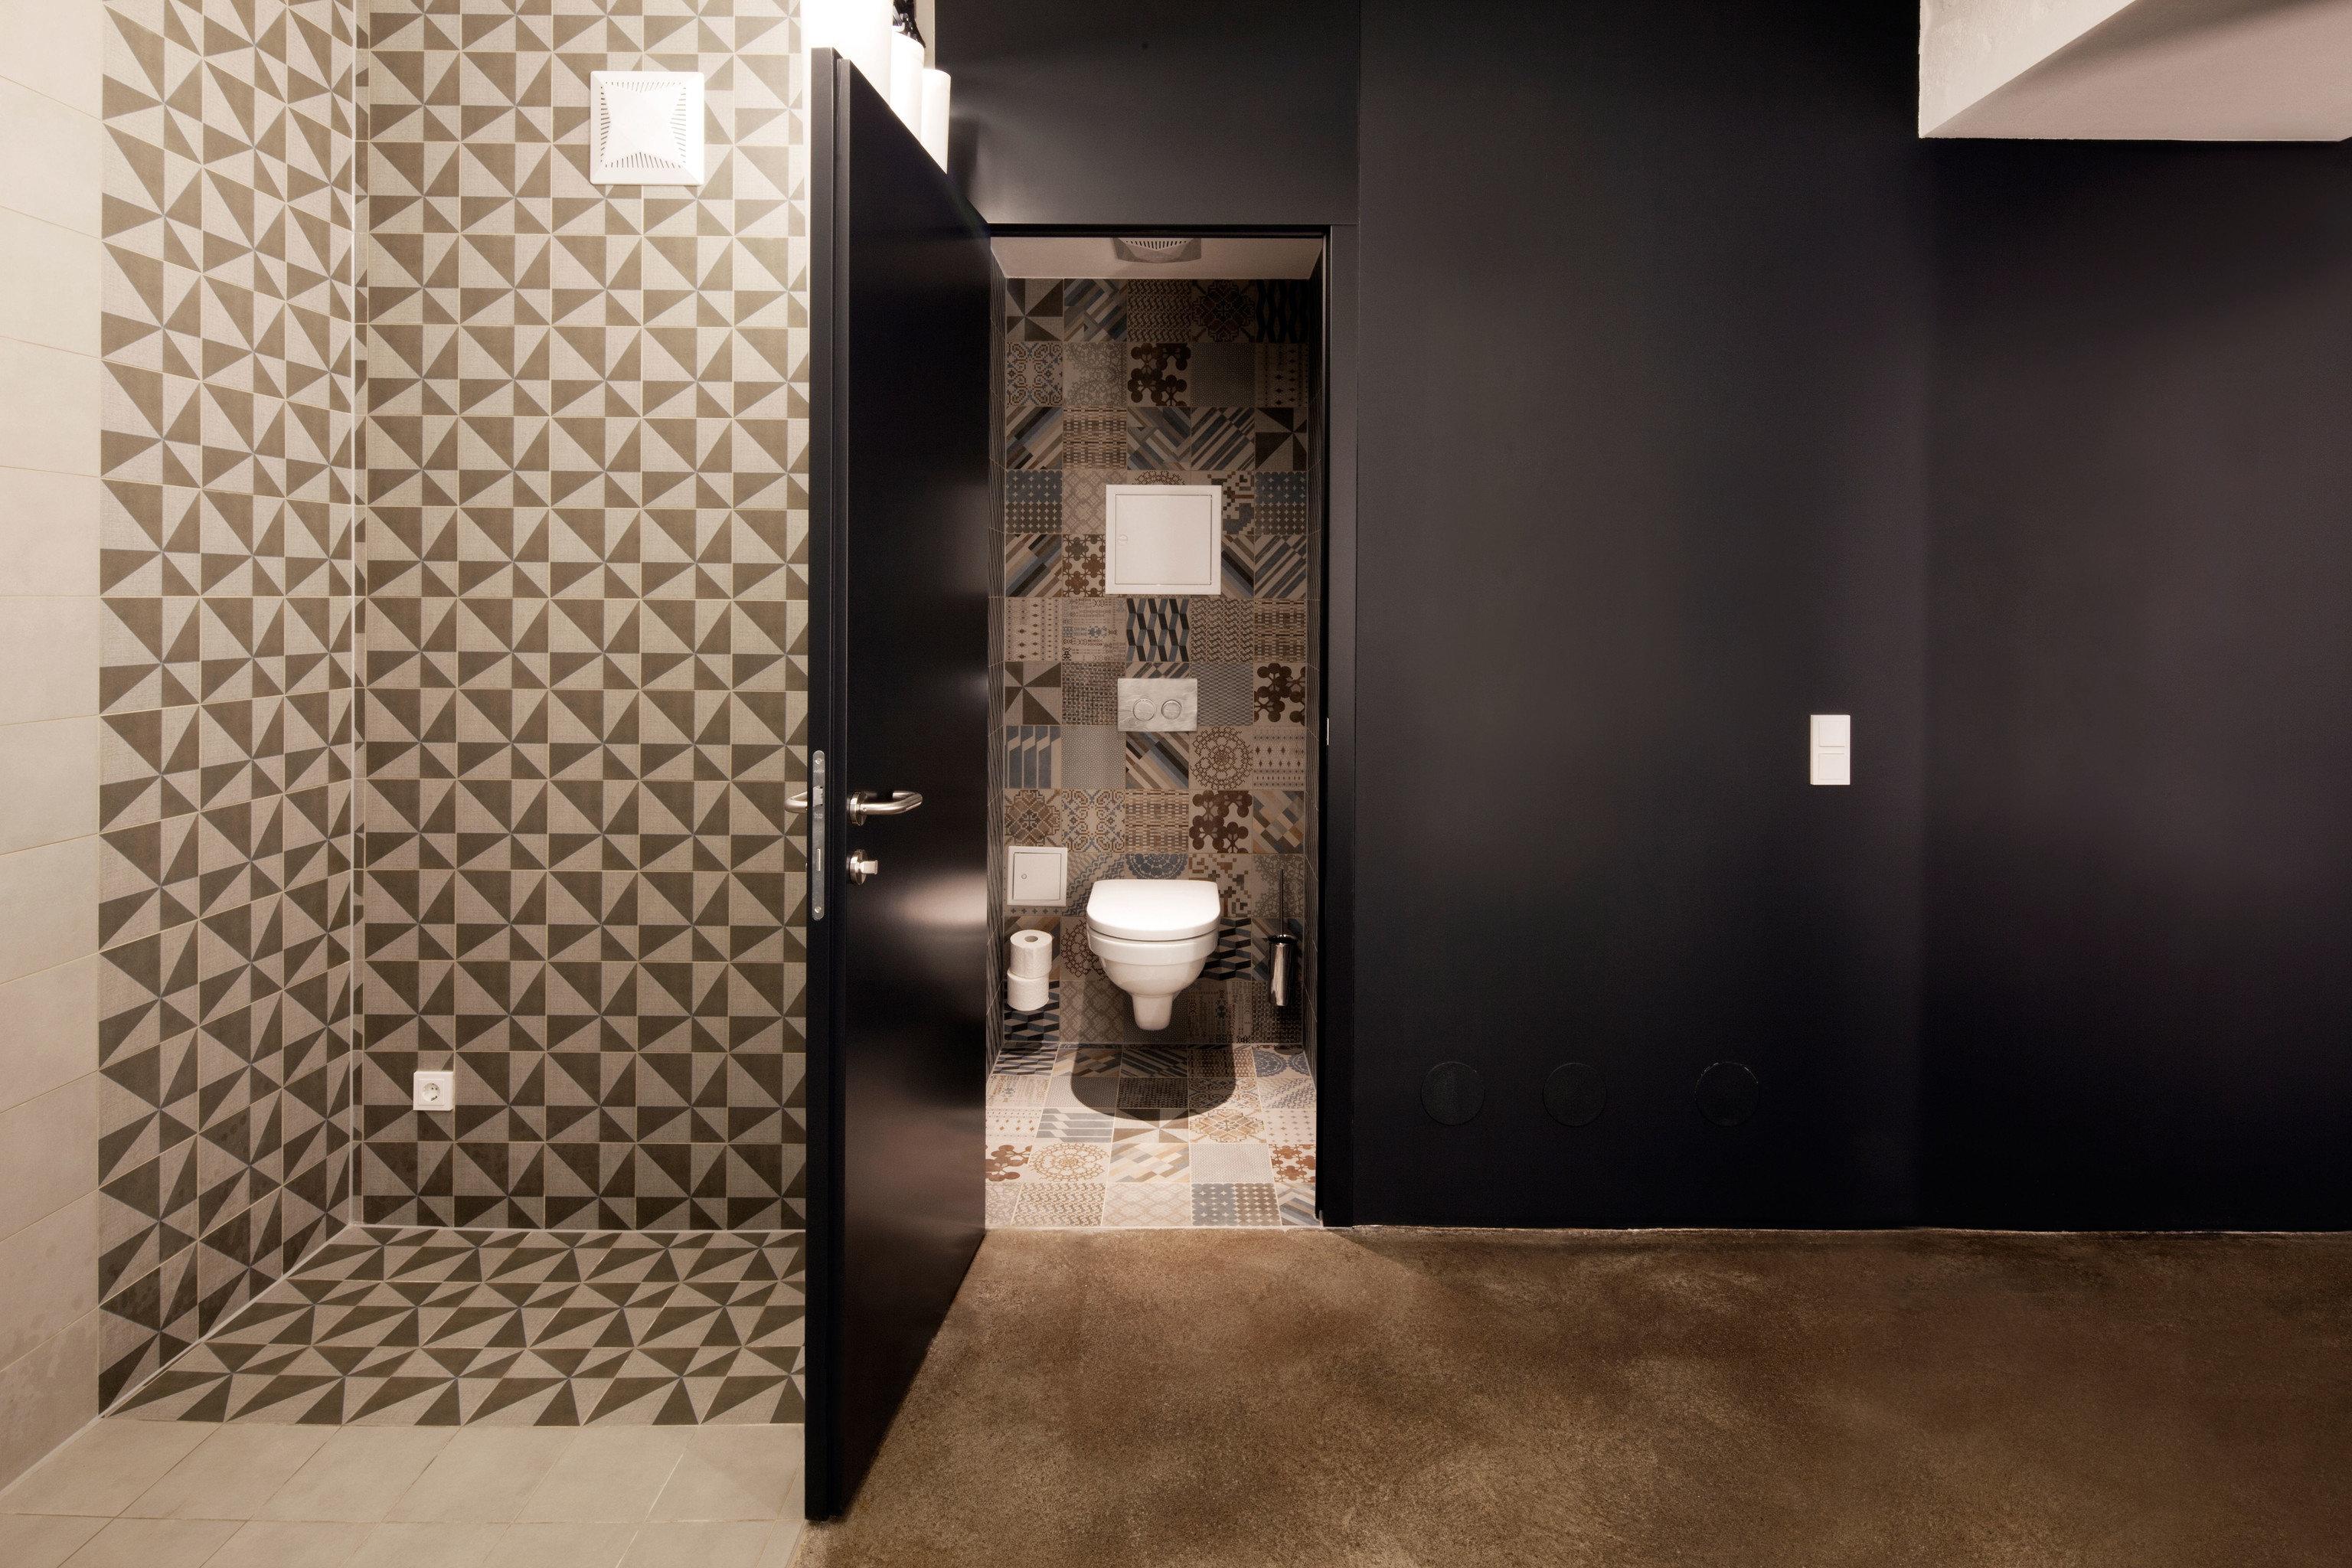 bathroom house flooring lighting tile outdoor object tiled